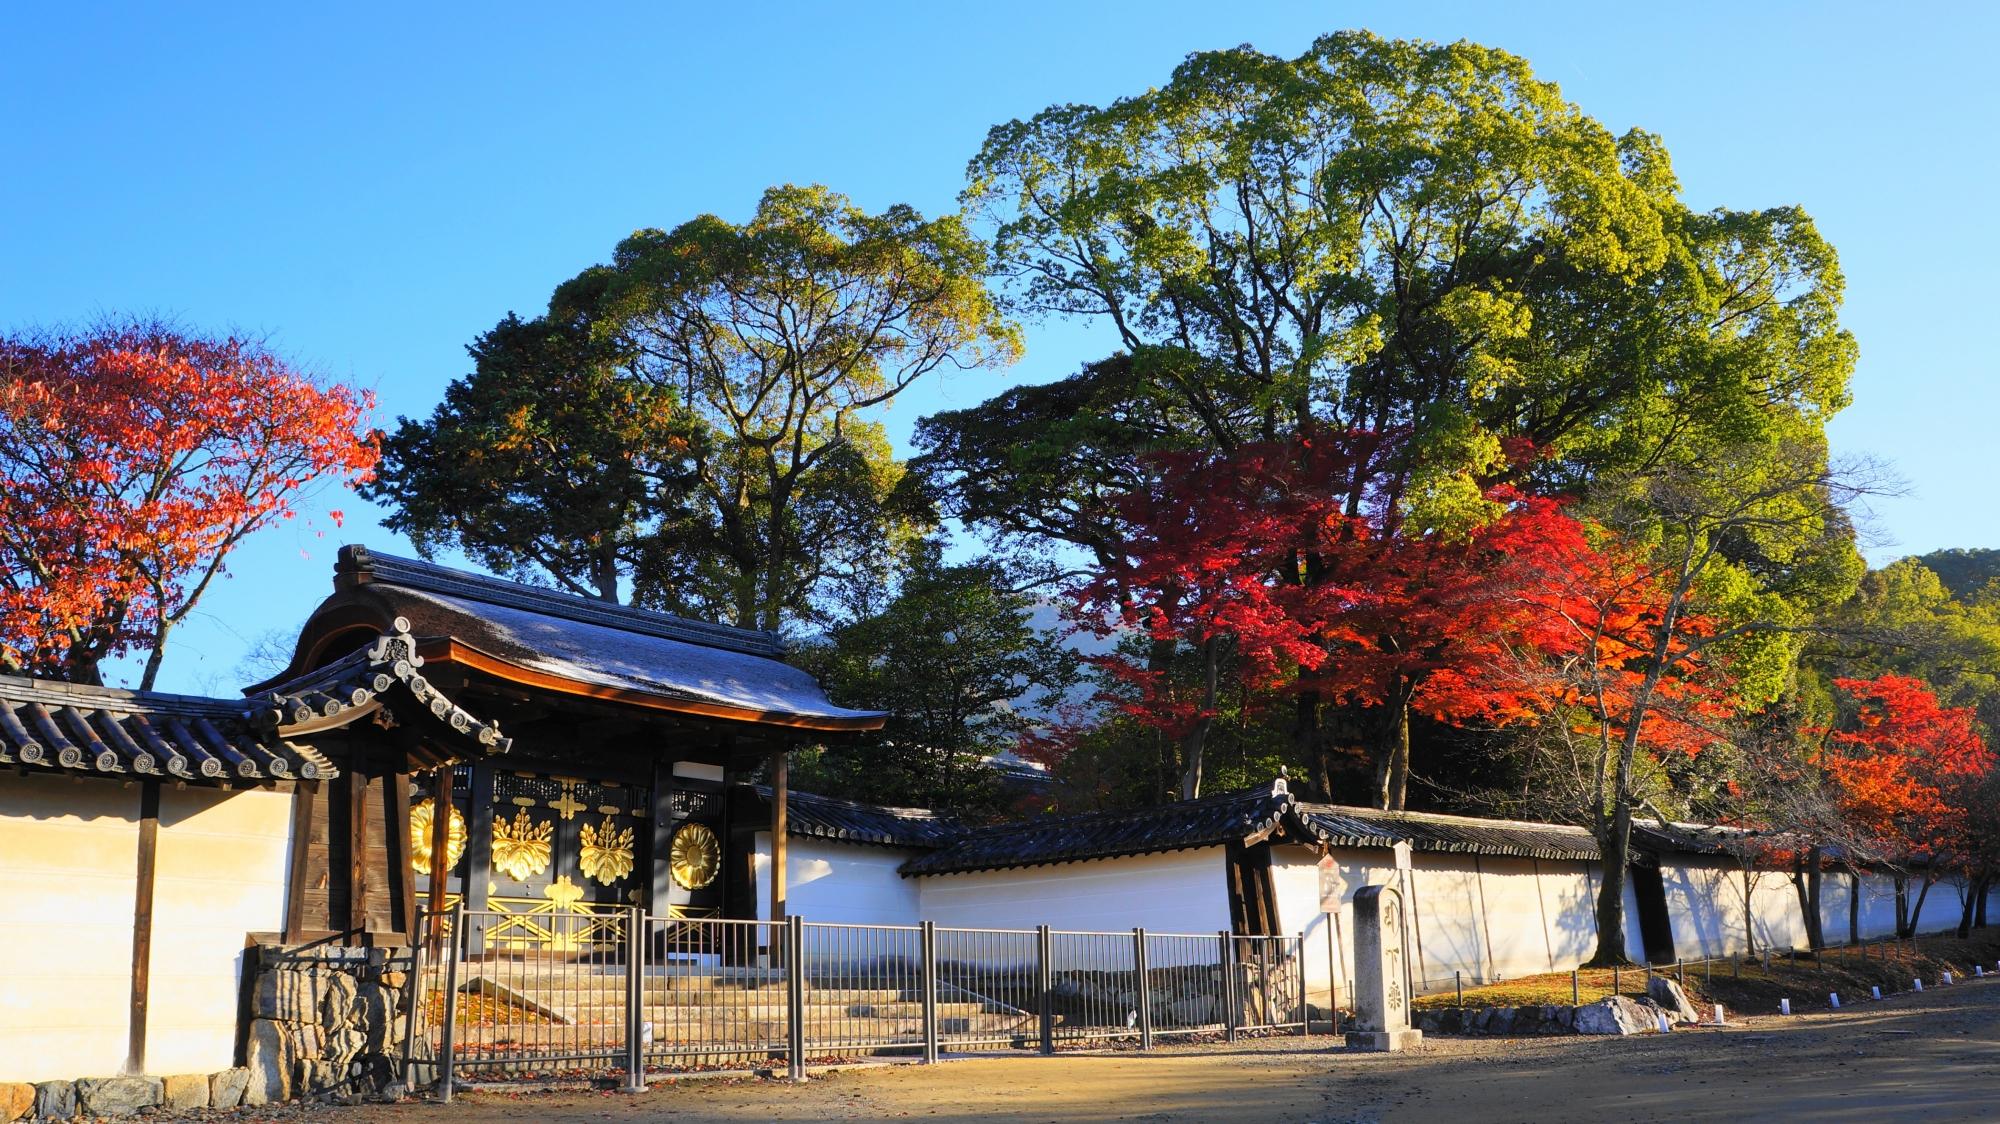 醍醐寺の唐門と煌く紅葉